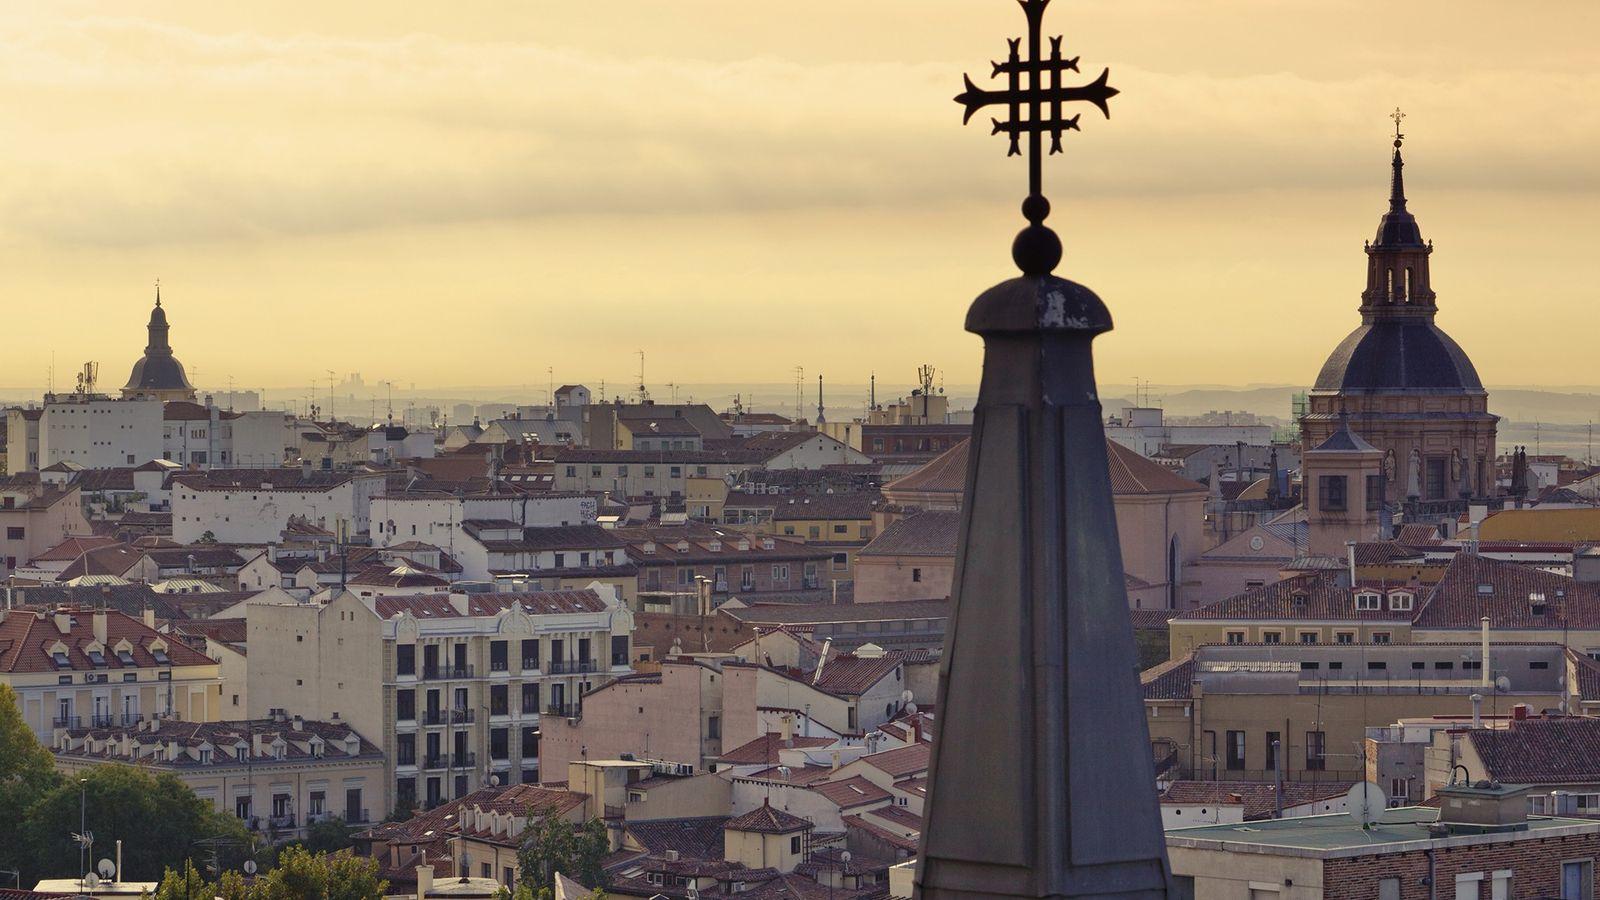 Las cúpulas en forma de aguja y los tejados dibujando el horizonte del skyline de Madrid.